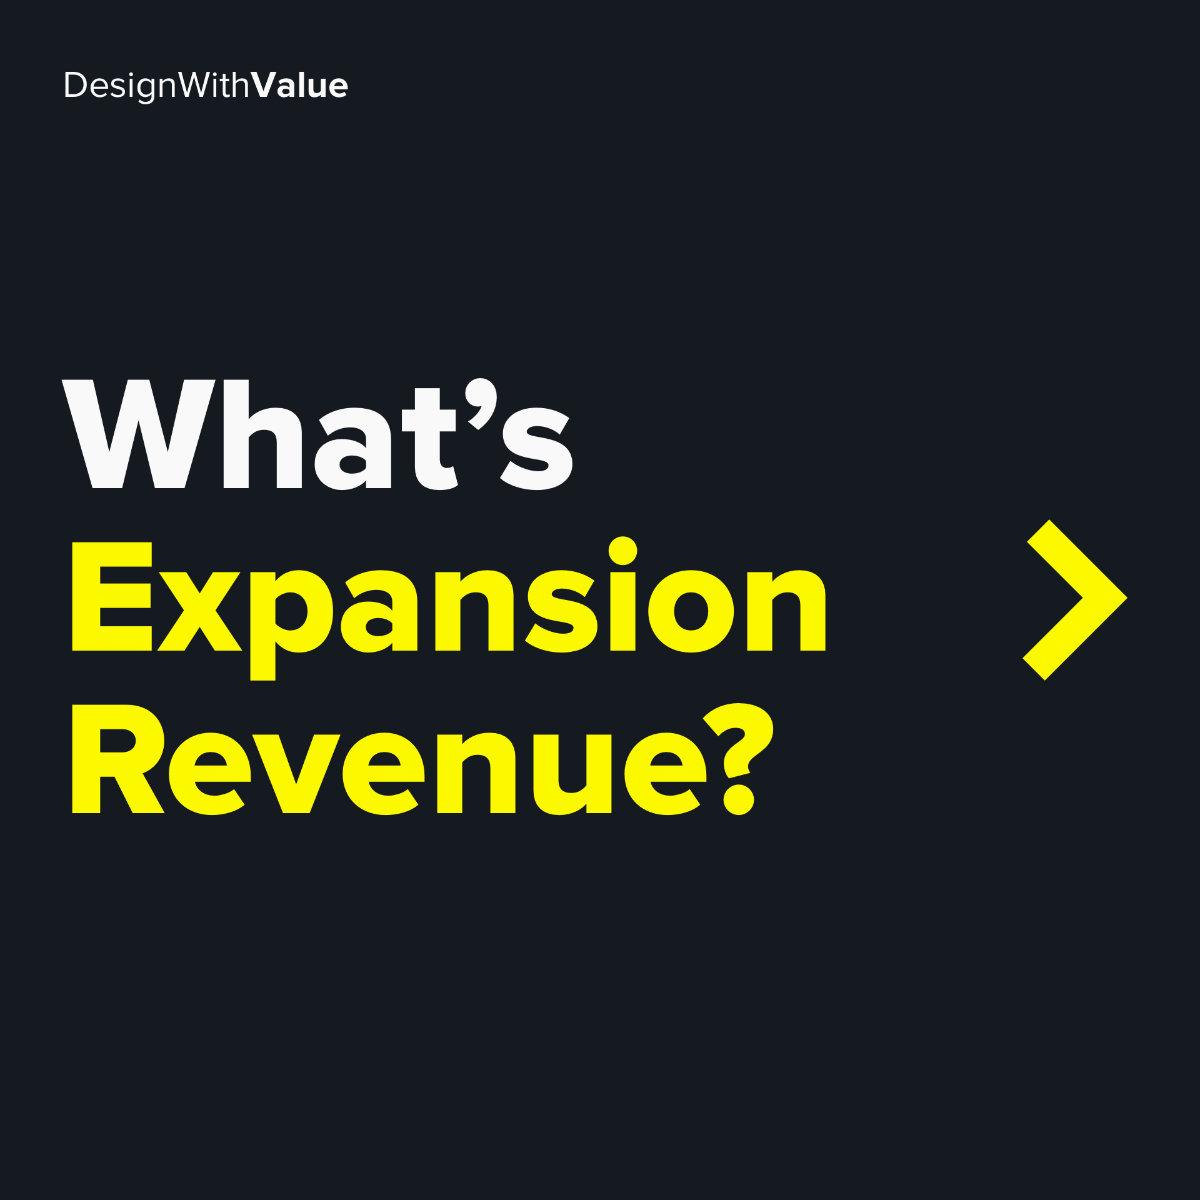 What's expansion revenue?